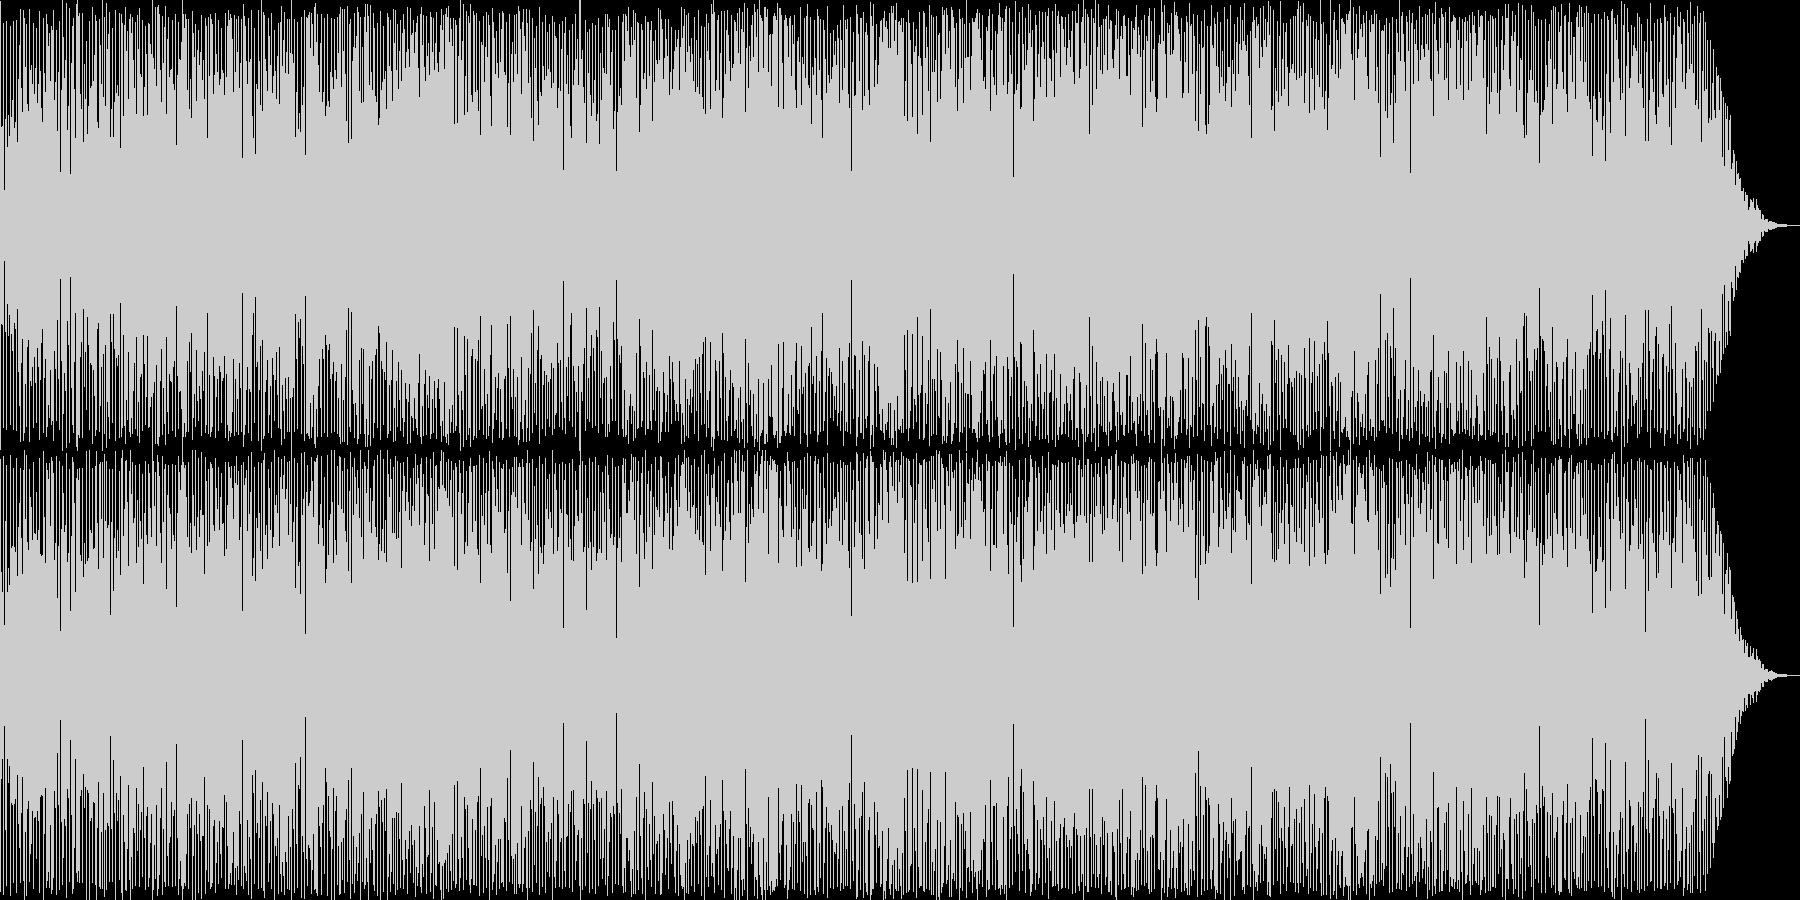 日常の明るい休日のお昼のイメージの楽曲の未再生の波形